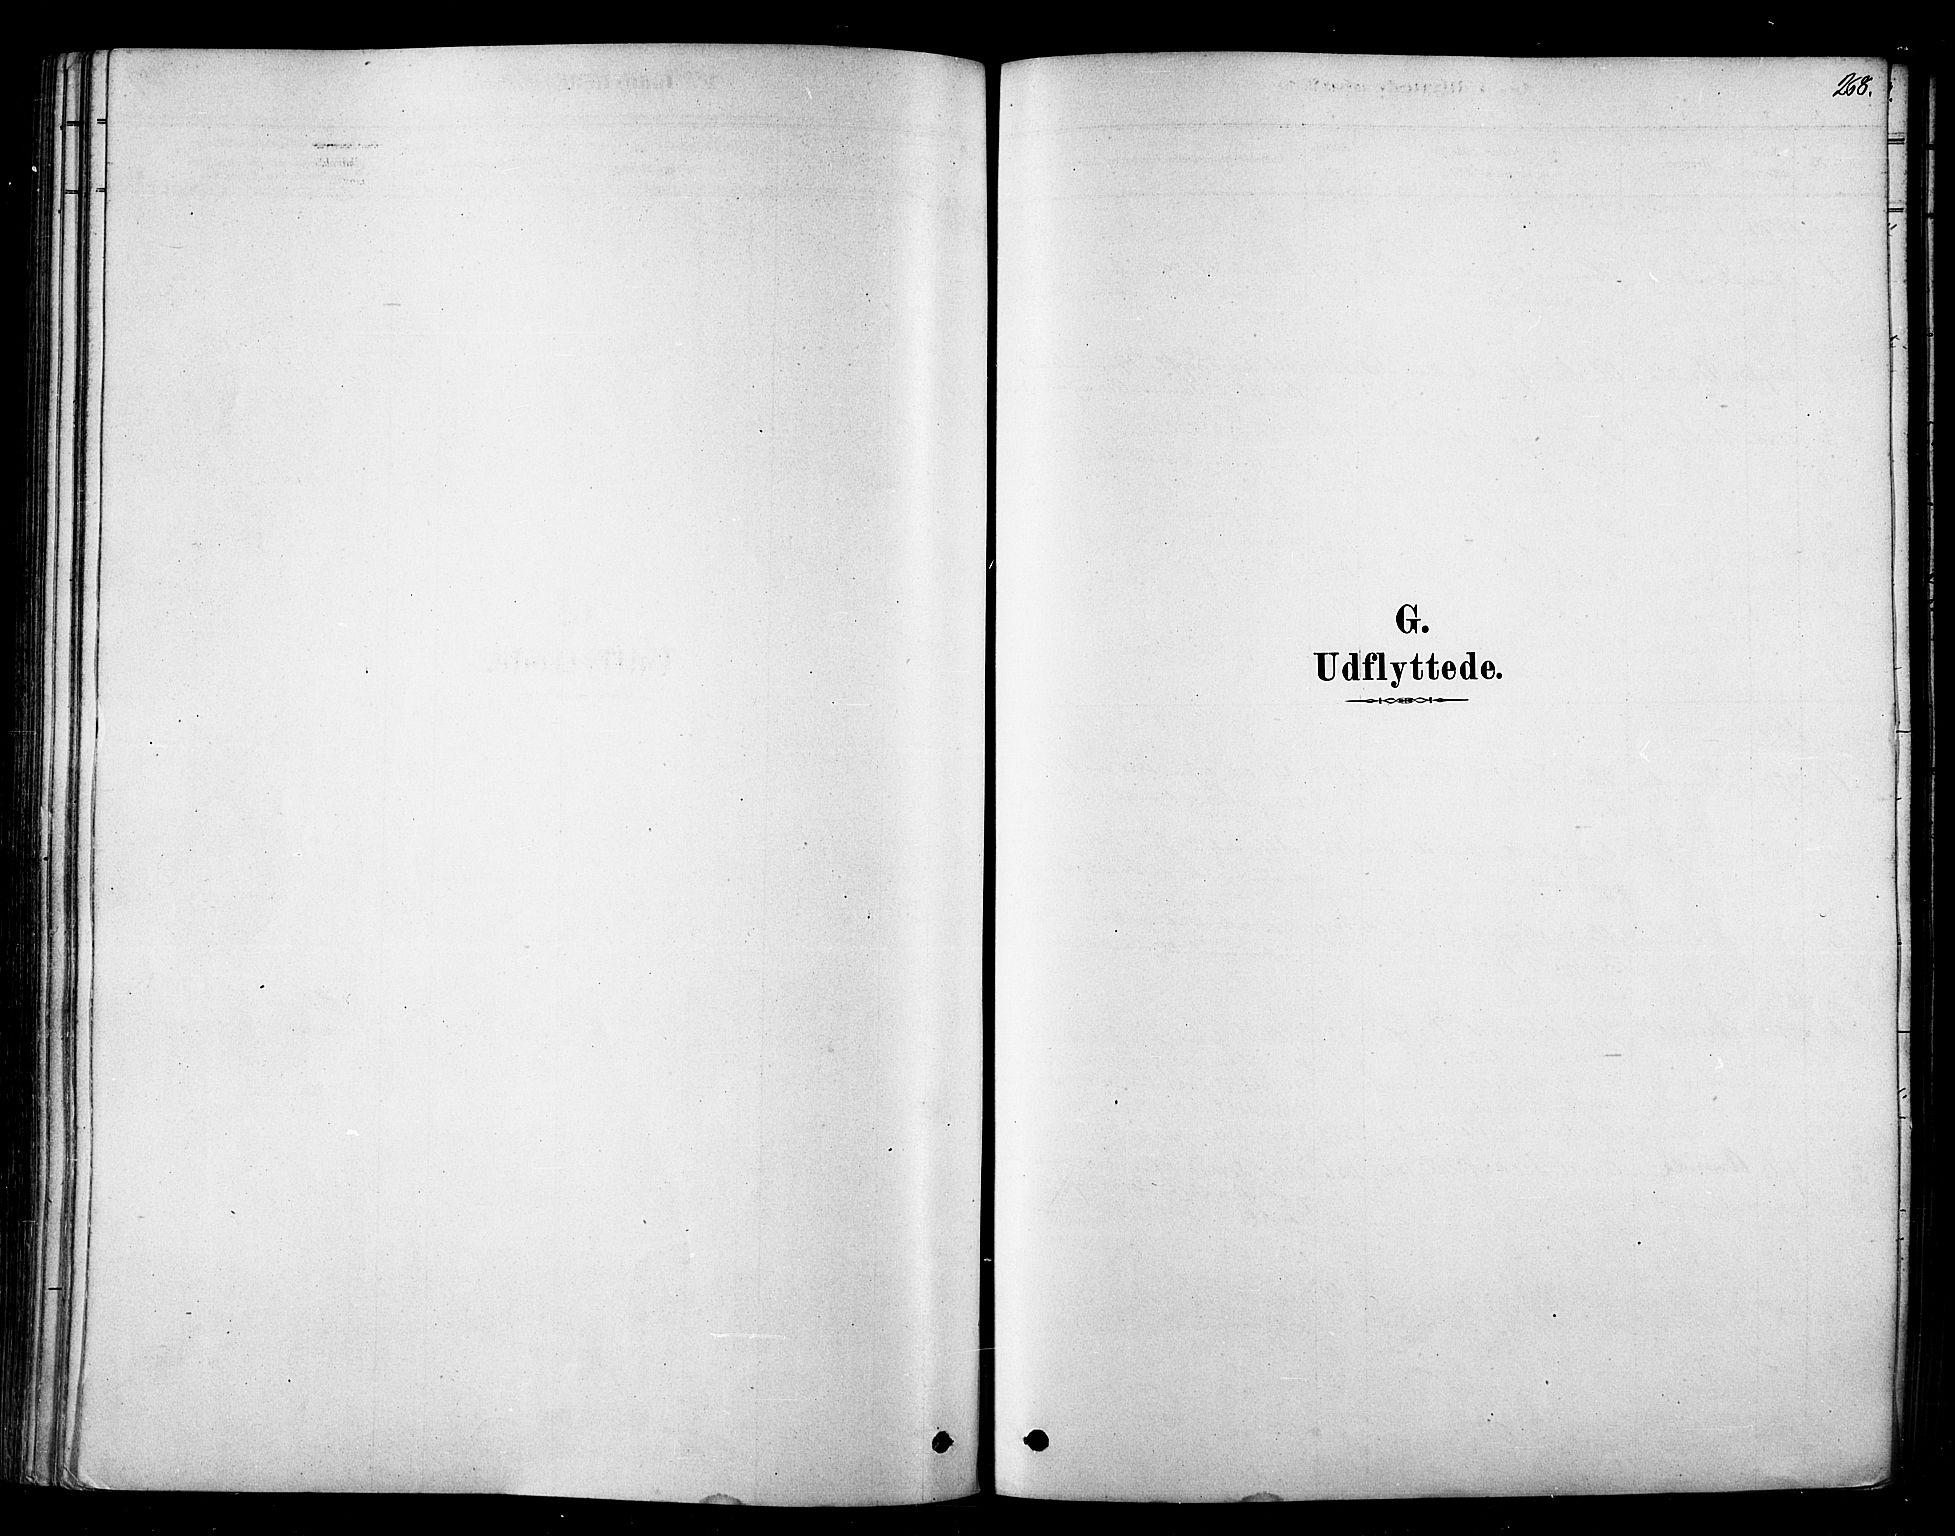 SATØ, Tana sokneprestkontor, H/Ha/L0004kirke: Ministerialbok nr. 4, 1878-1891, s. 268